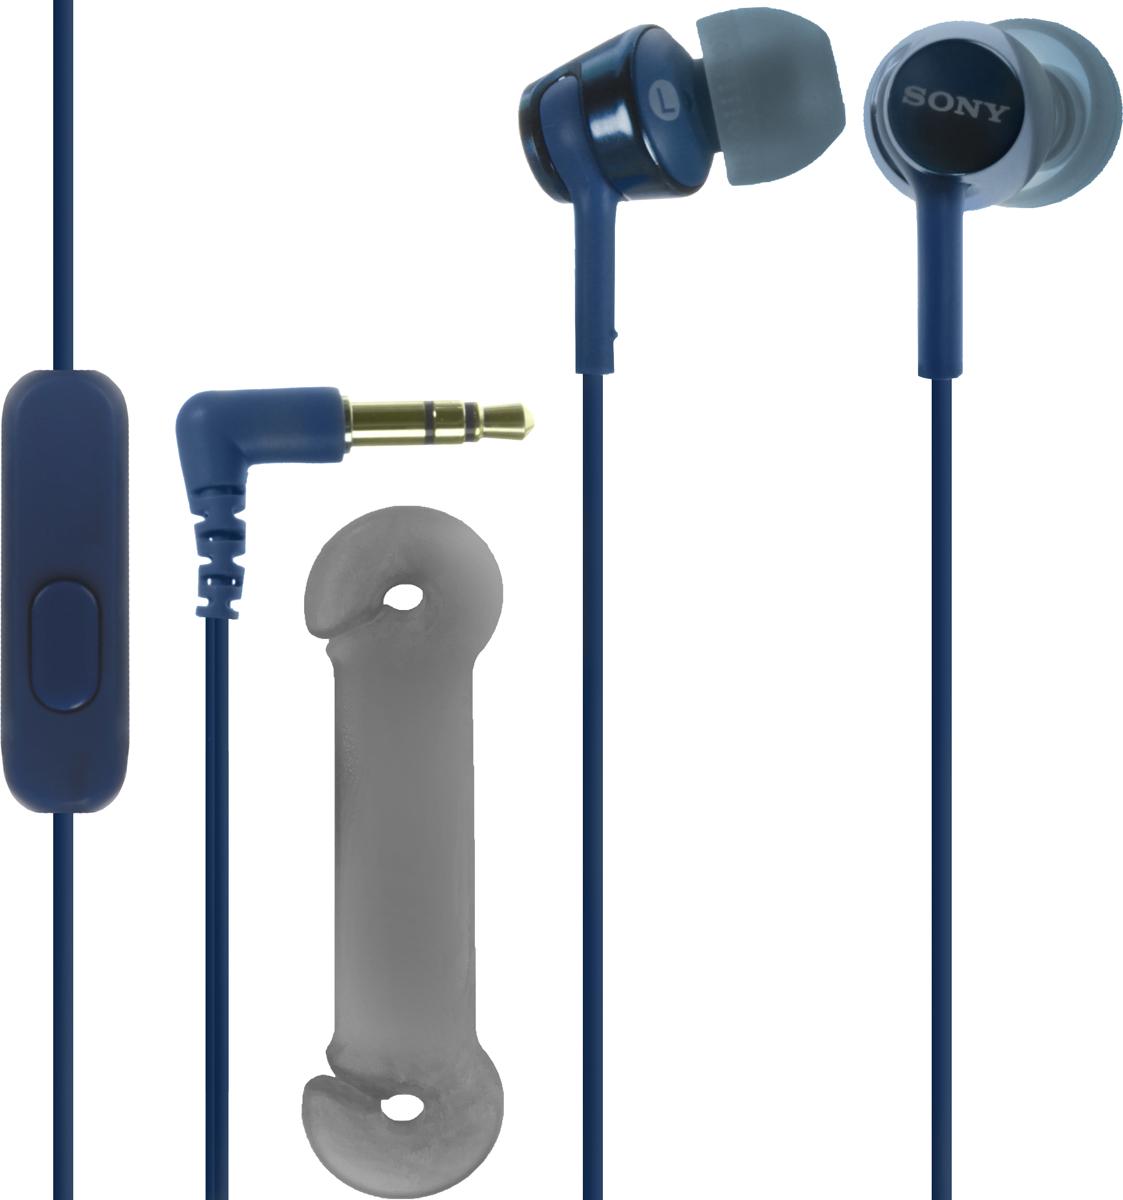 Sony EX155AP, Blue наушникиMDREX155APLI.EНаушники-вкладыши Sony EX155AP обеспечивают отличный динамический звук даже на ходу.Высокочувствительные 9-миллиметровые динамики в компактном корпусе обеспечивают четкое звучание верхних частот и мощные басы.Отвечайте на звонки в режиме гарнитуры и переключайте треки, не прикасаясь к смартфону, — это возможно благодаря встроенному в кабель пульту управления и микрофону.Устойчивый к спутыванию и перекручиванию рифленый кабель обеспечивает комфорт при использовании наушников.Вкладыши четырех размеров (SS, S, M и L) позволяют адаптировать наушники под свои потребности для максимально комфортного прослушивания на ходу.